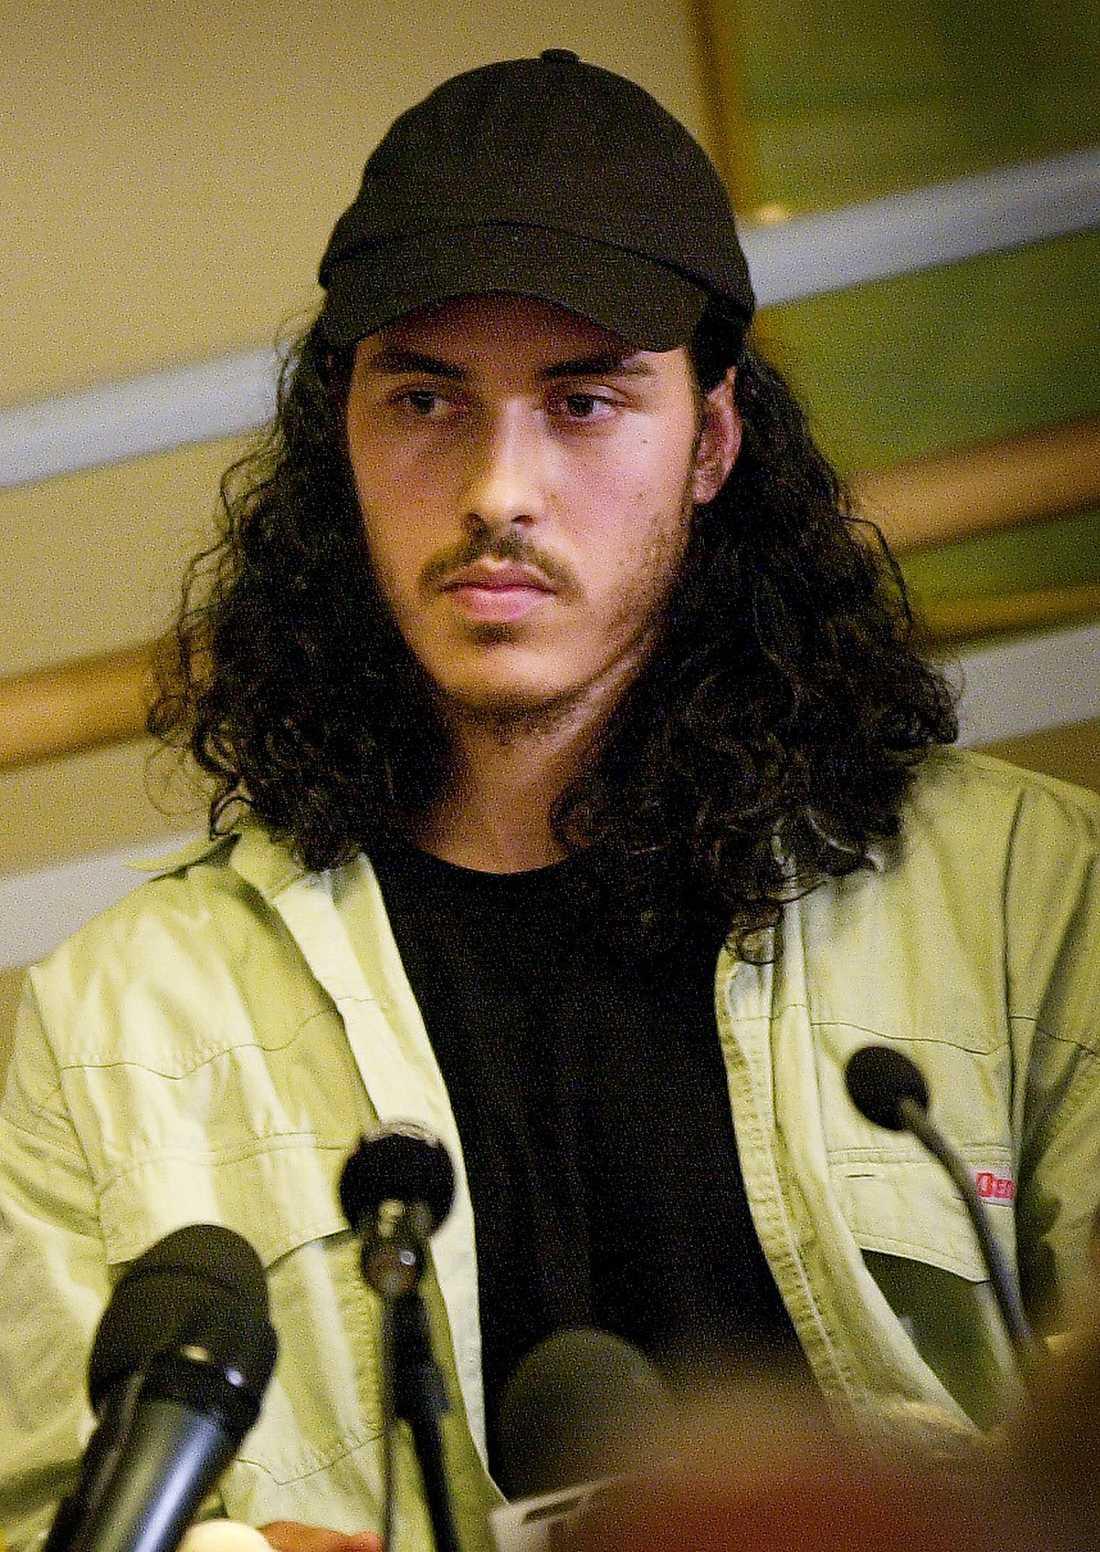 Mehdi Ghezali efter återkomsten till Sverige i juli 2004.